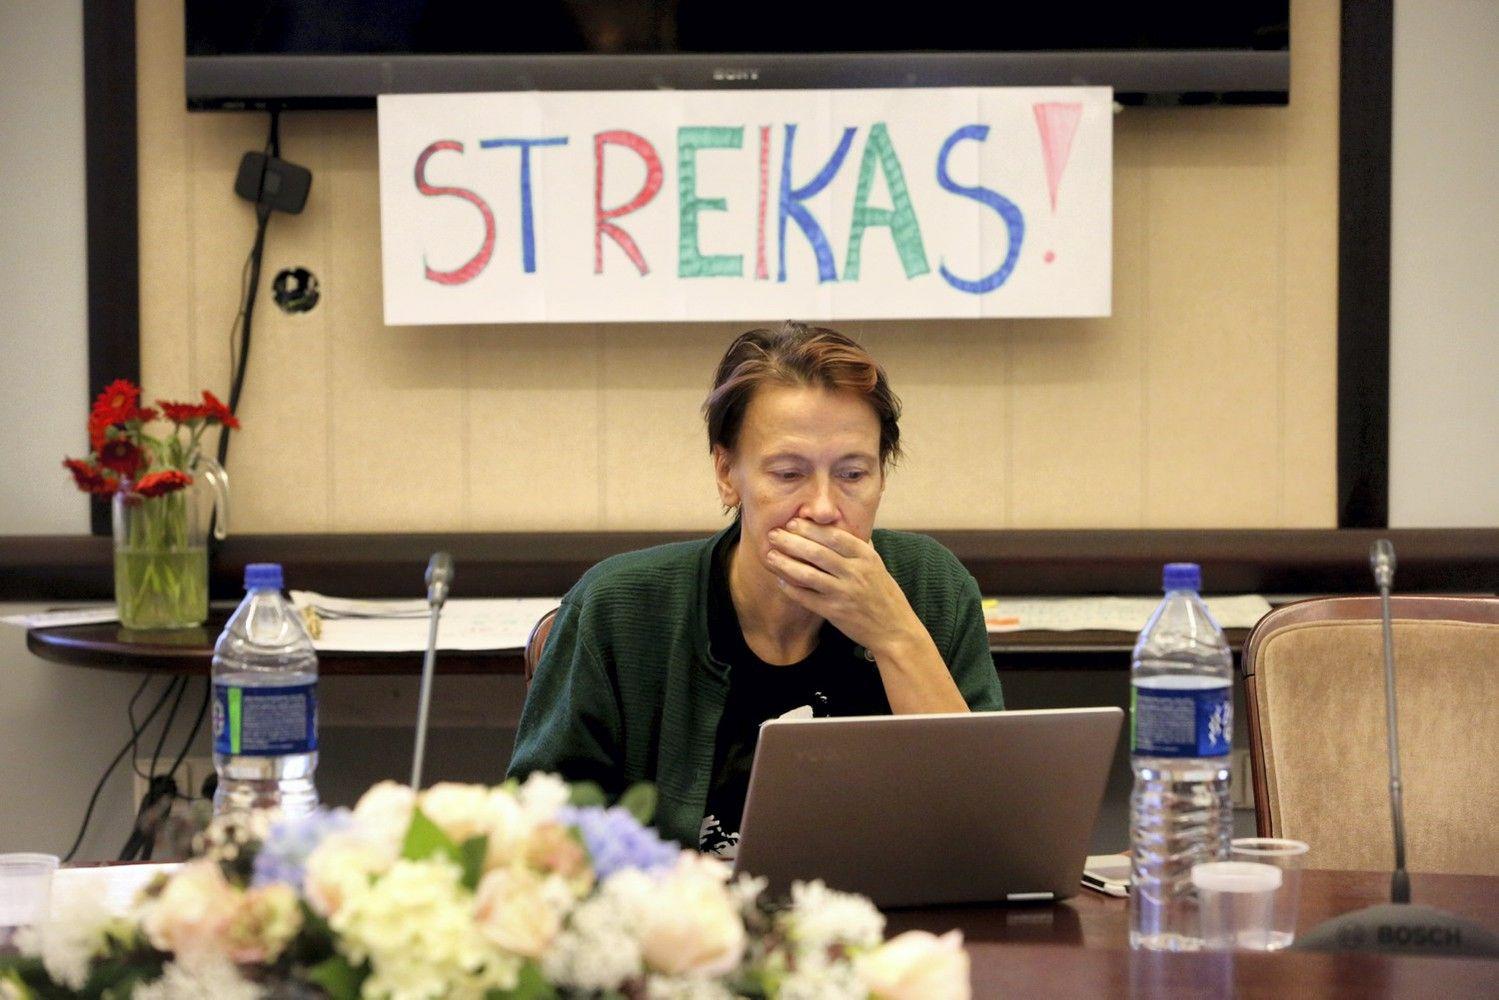 Kol mokytojai streikuoja, premjeras siūlo apjungti mokyklas